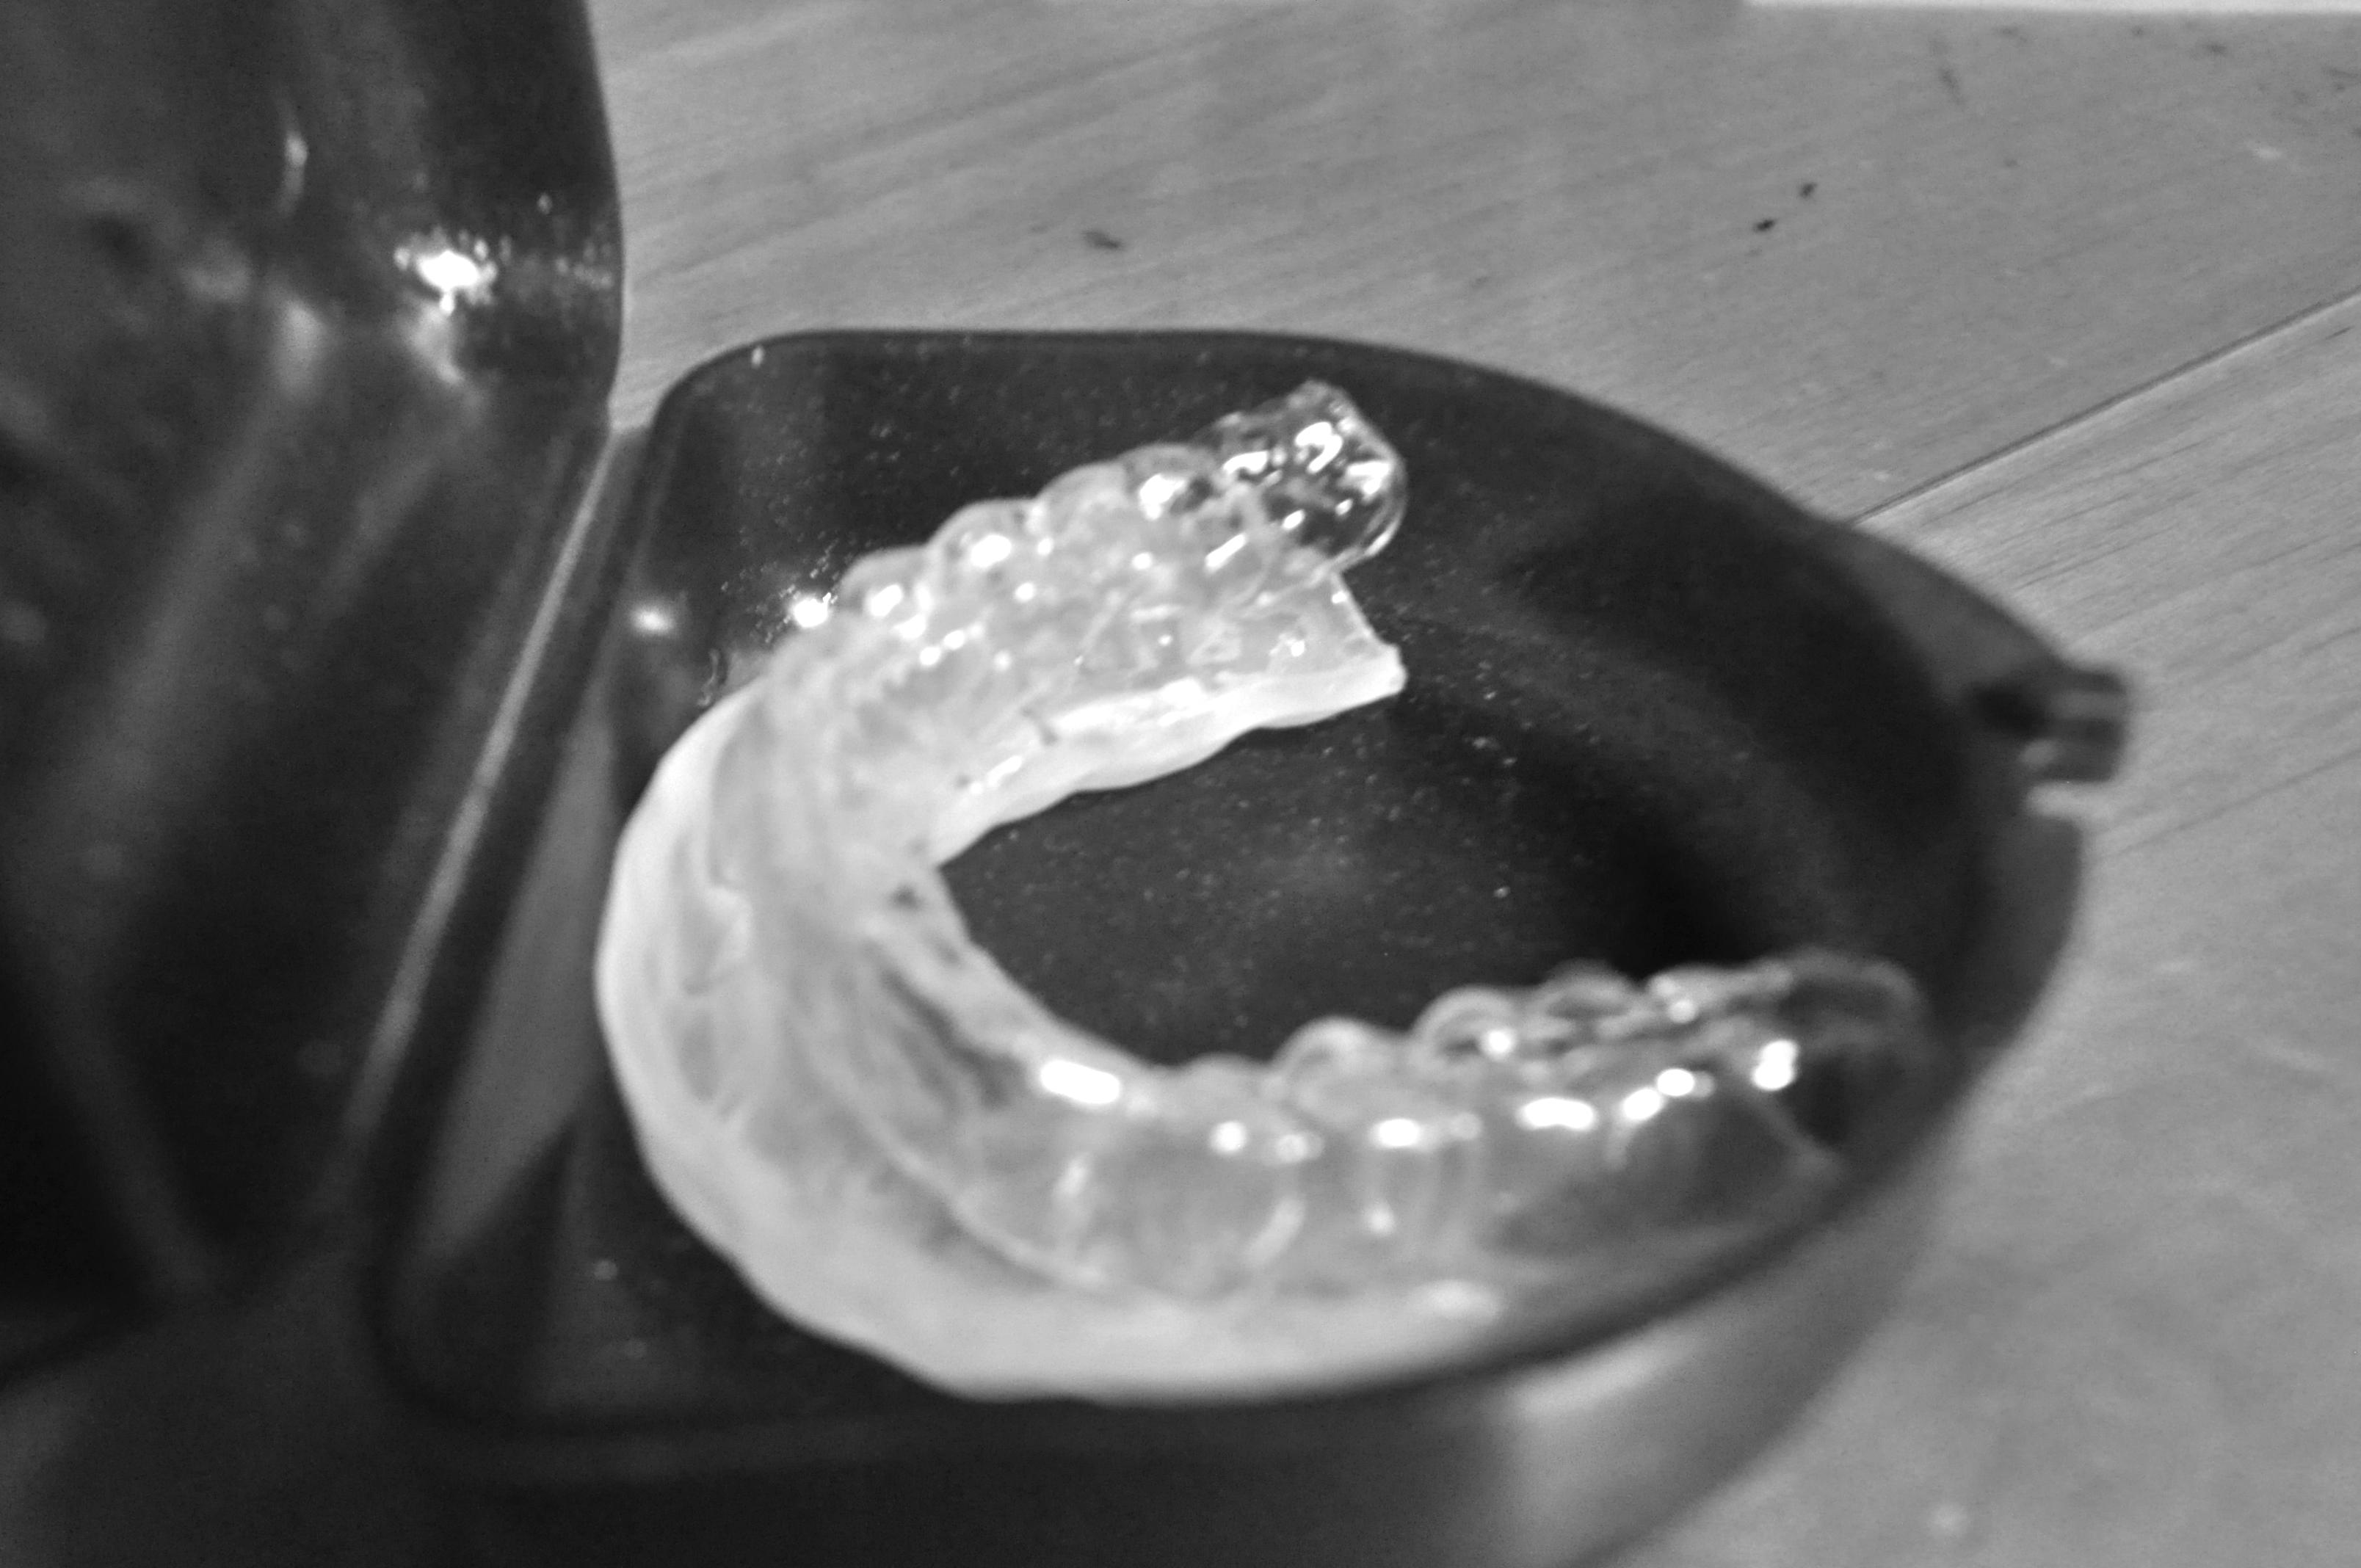 L'appareil dentaire pour protéger vos dents